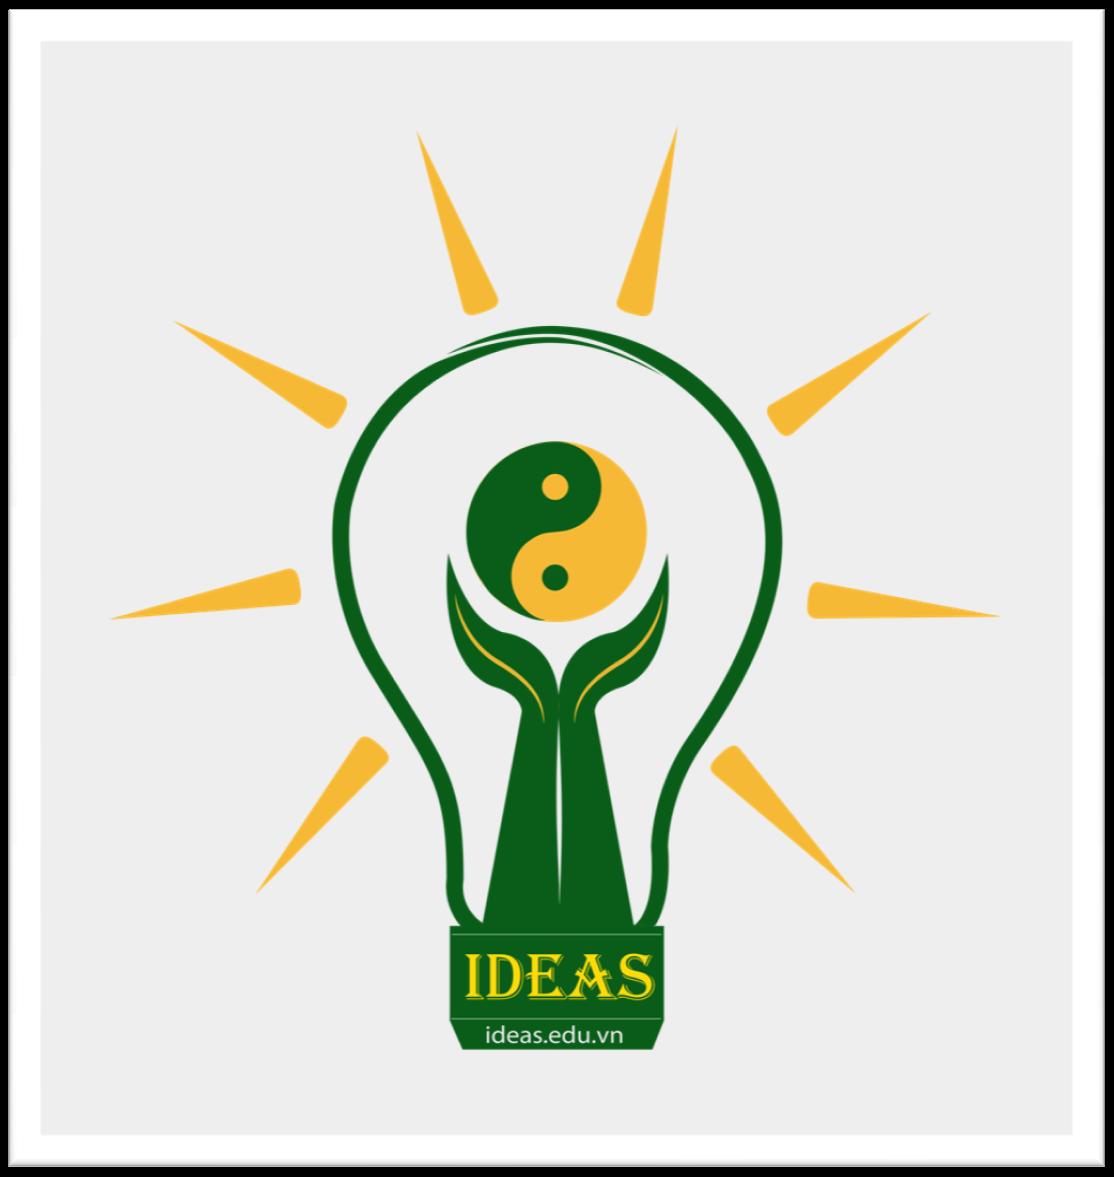 Học Viện IDEAS